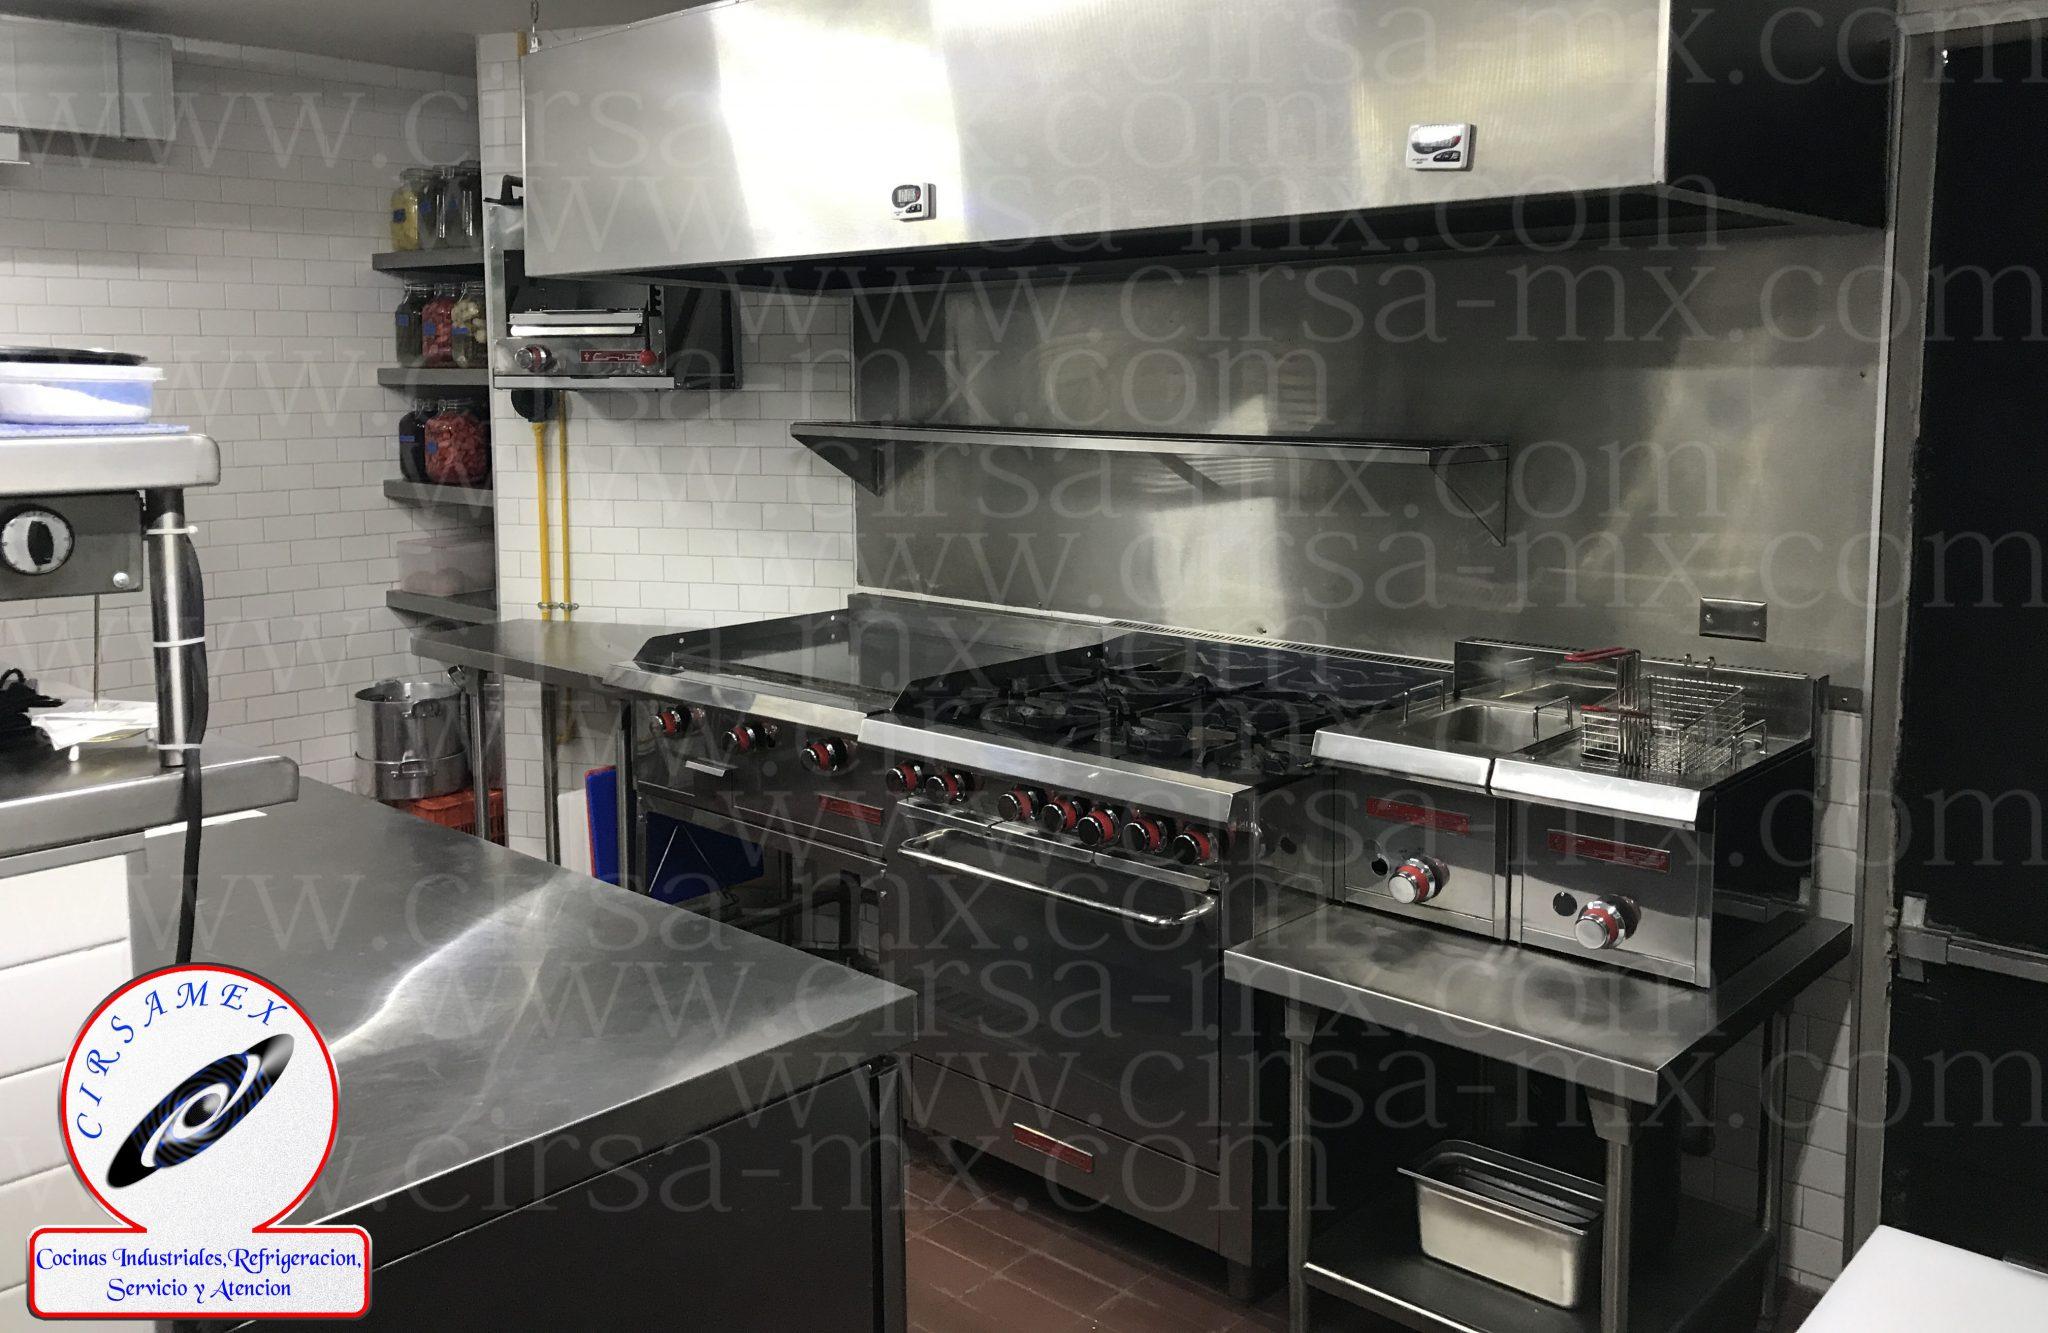 CIRSAMEX SA DE CV  cocinas industriales en Acero inoxidable